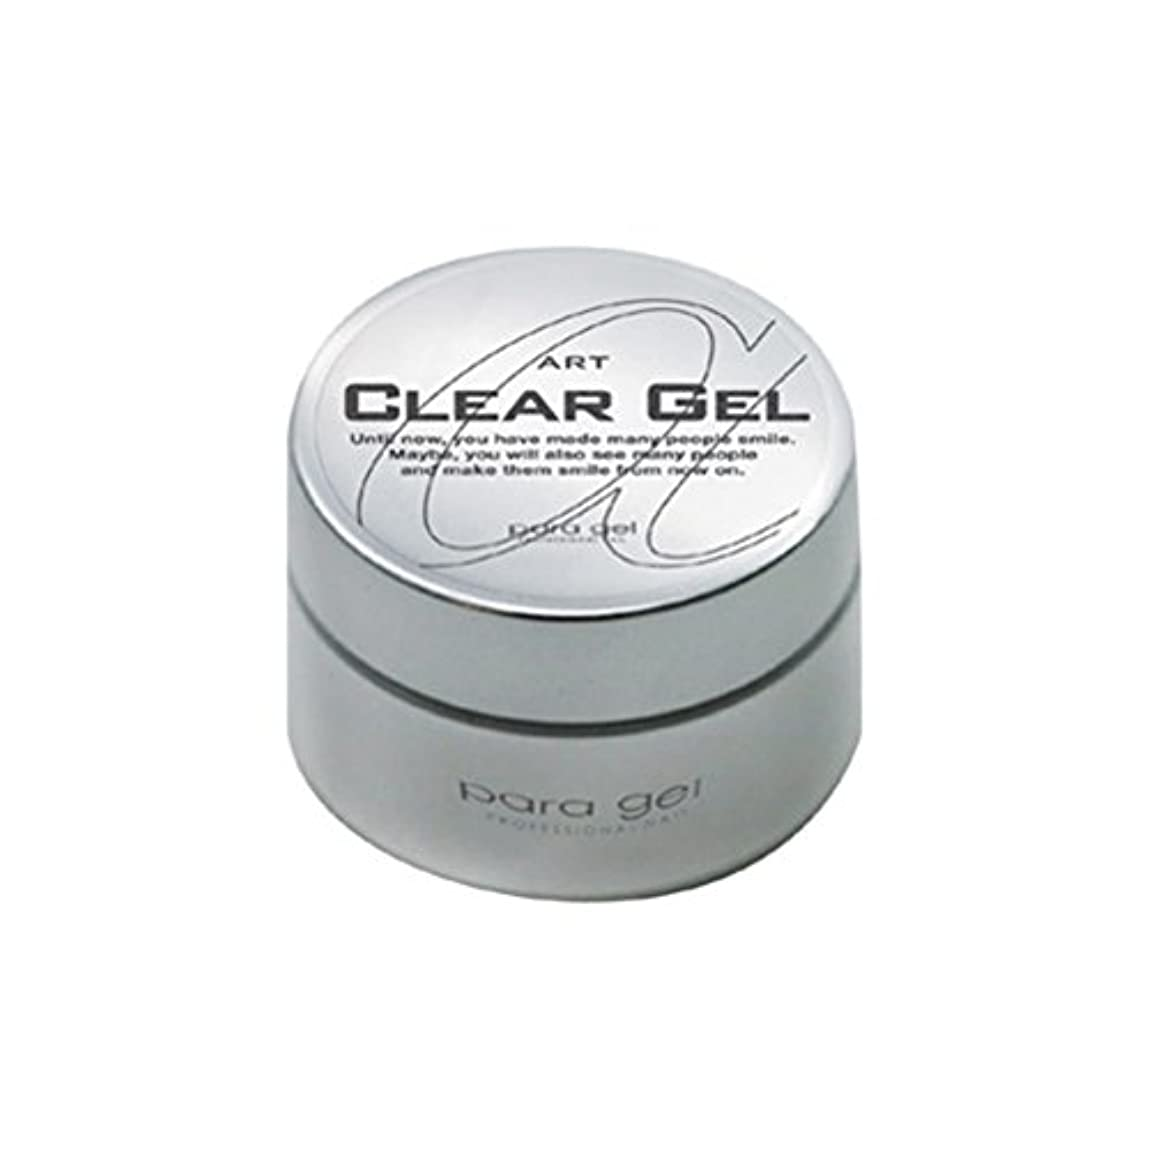 サラミ出力シャワーpara gel アートクリアジェル 10g サンディング不要のベースジェル